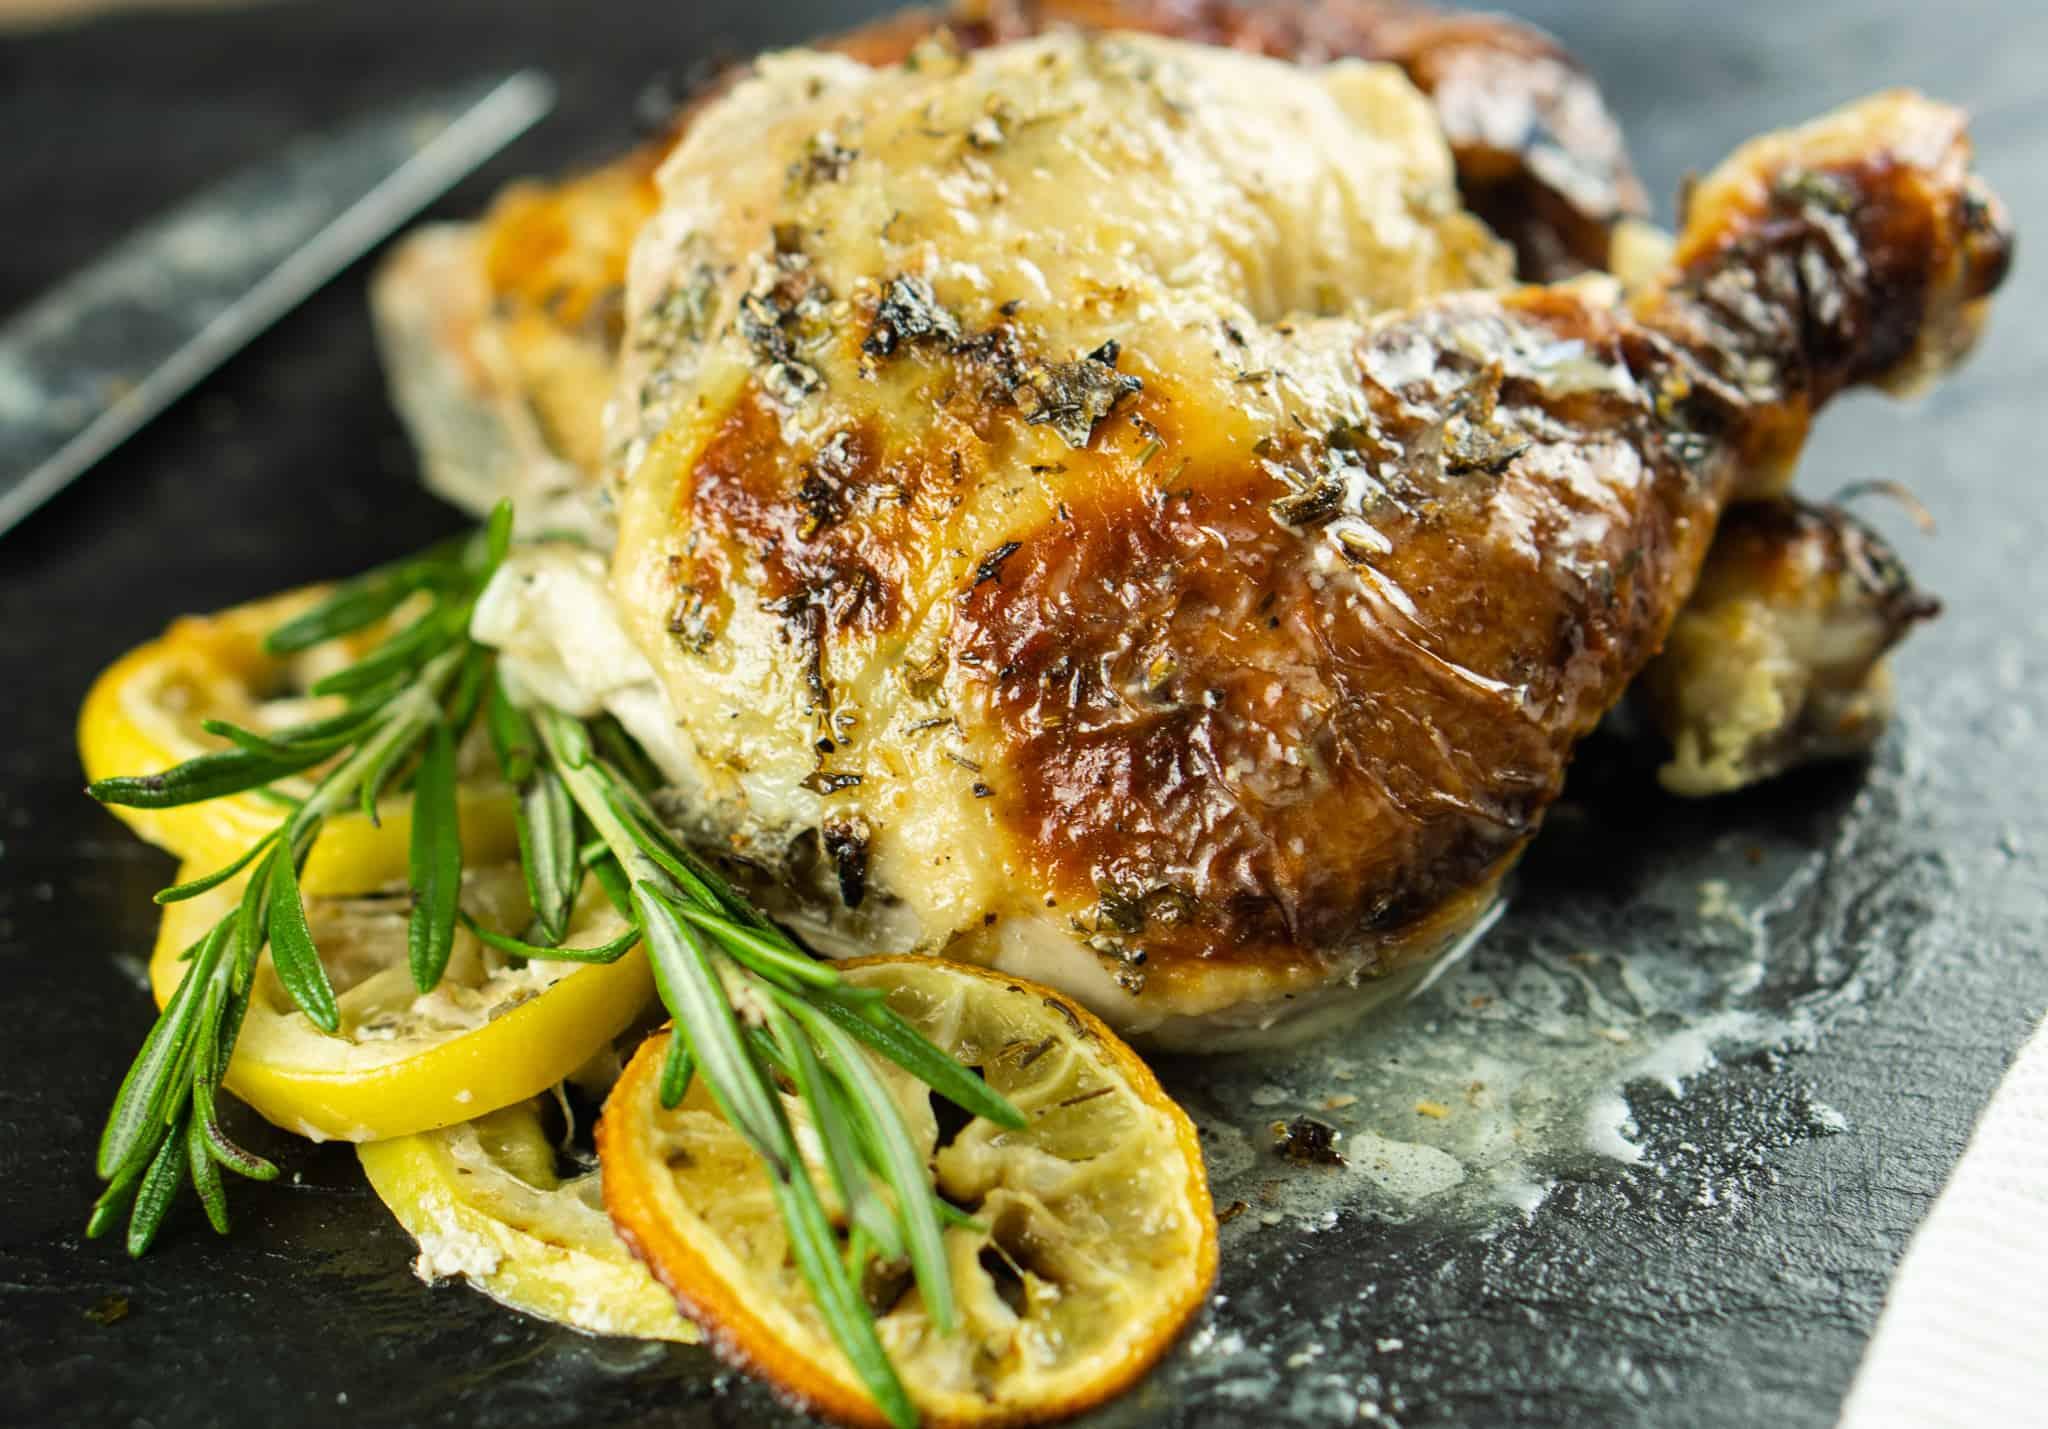 Gluten Free Roasted Buttermilk Chicken with Fresh Herbs & Lemon